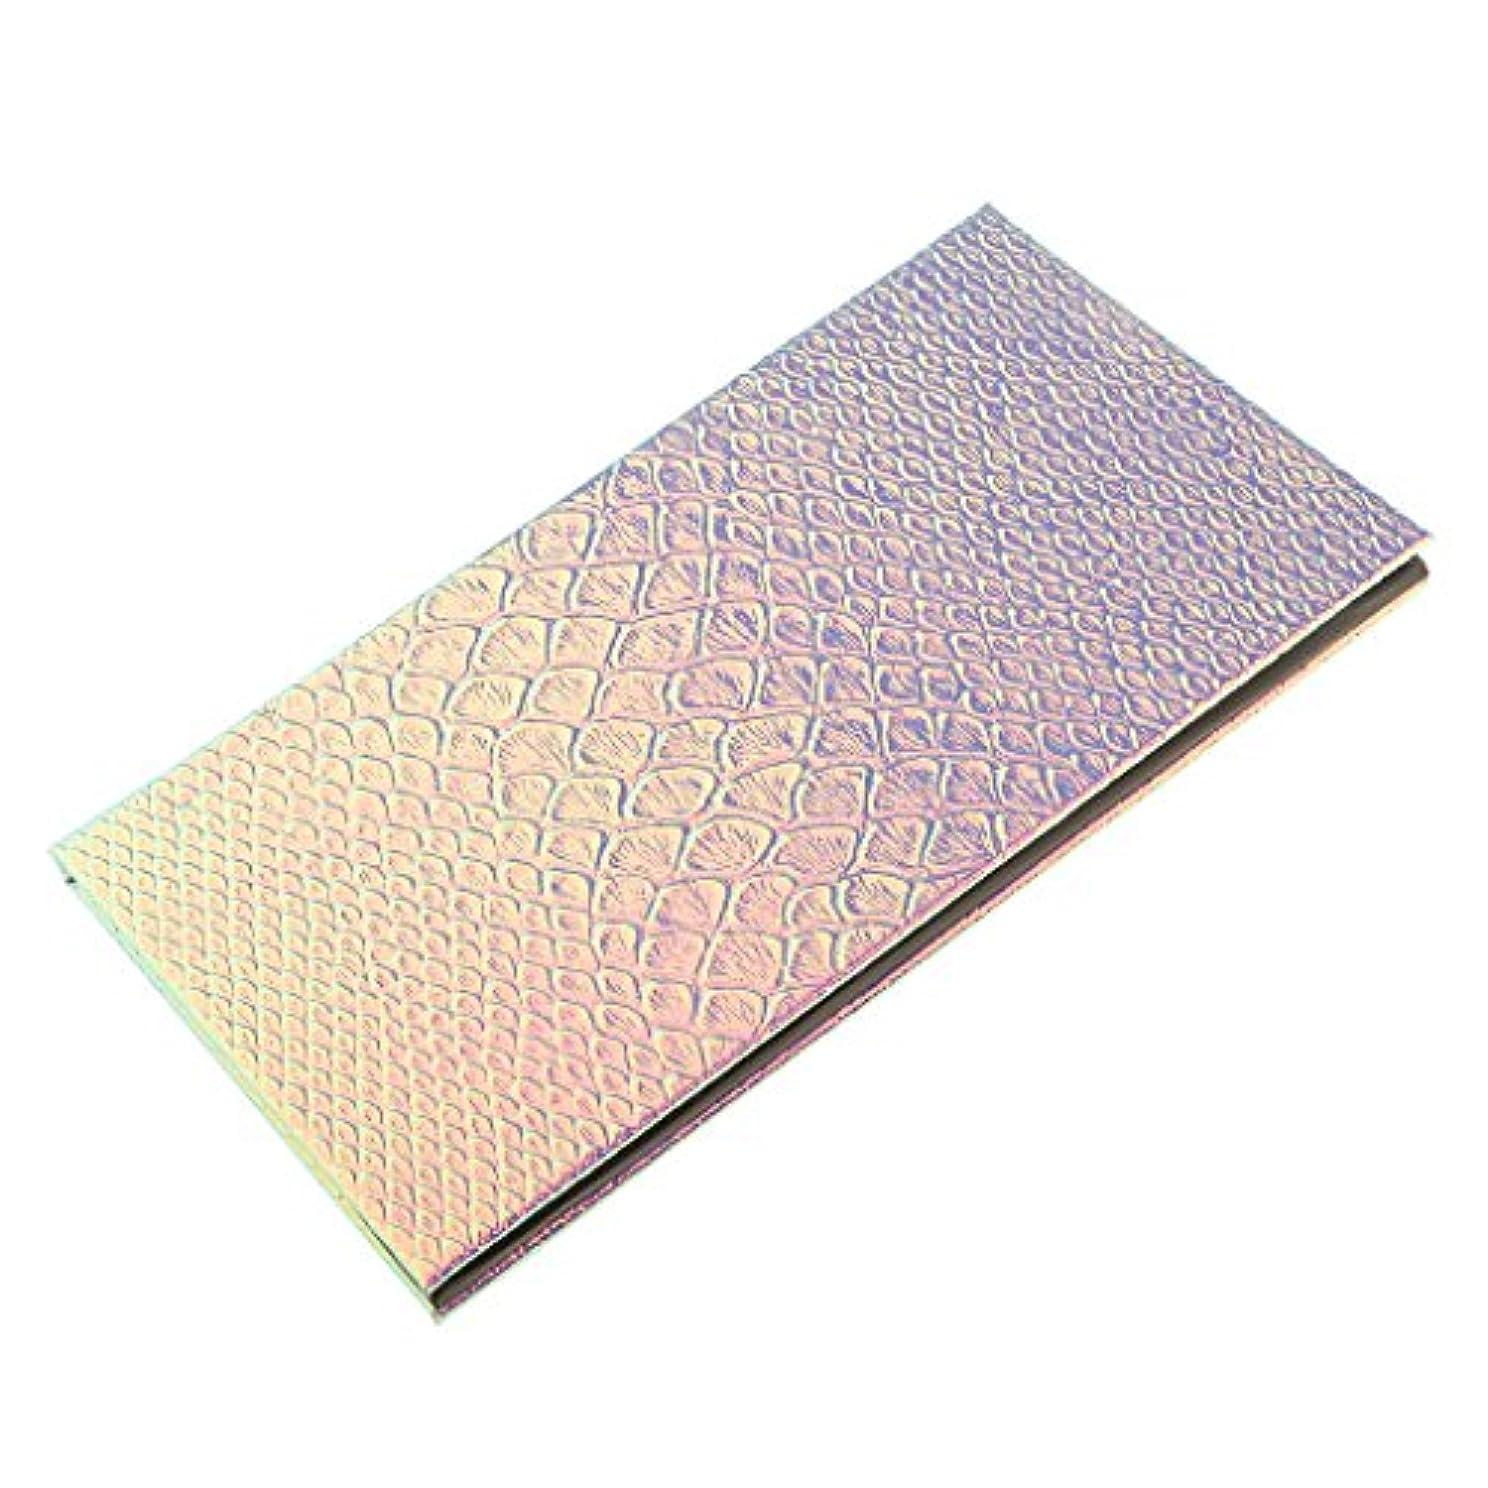 交換可能頬供給磁気パレットボックス 空の磁気パレット メイクアップ 化粧 コスメ 収納 ボックス 全2サイズ選べ - 18x10cm